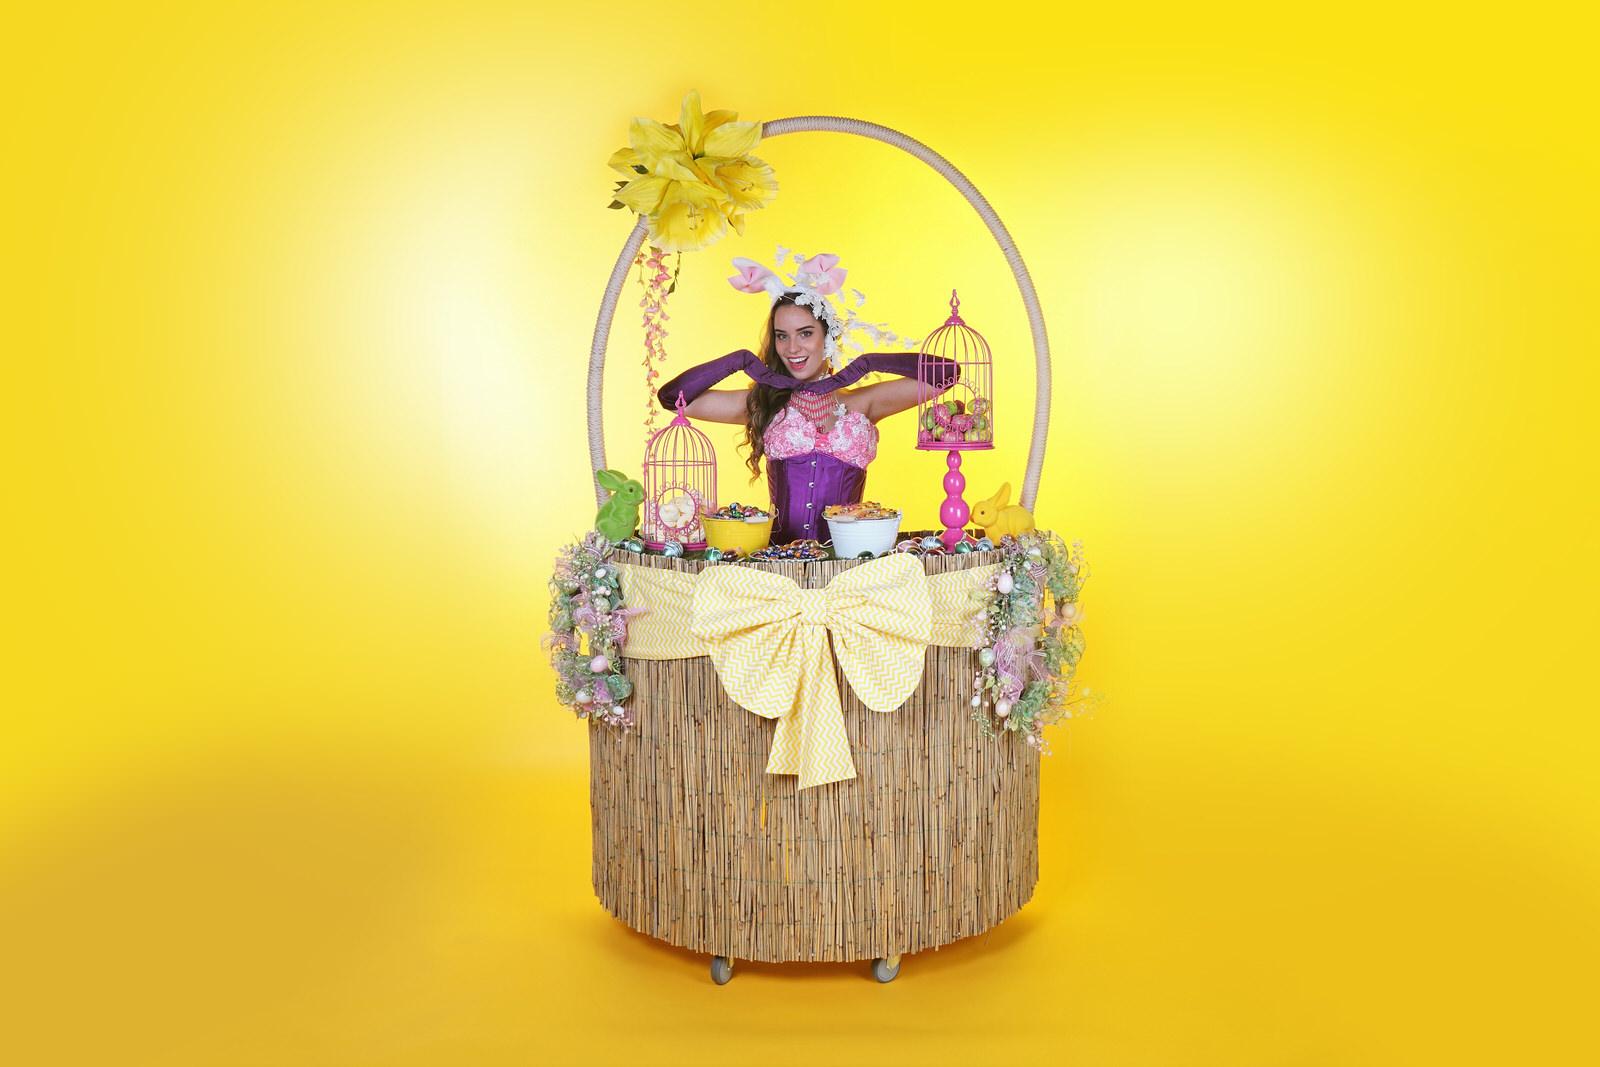 Pasen, Paasdagen, Paashaas uitdeelactie, rollende tafeldame, strolling table, entertainment, event Eastern, voorjaar, lente